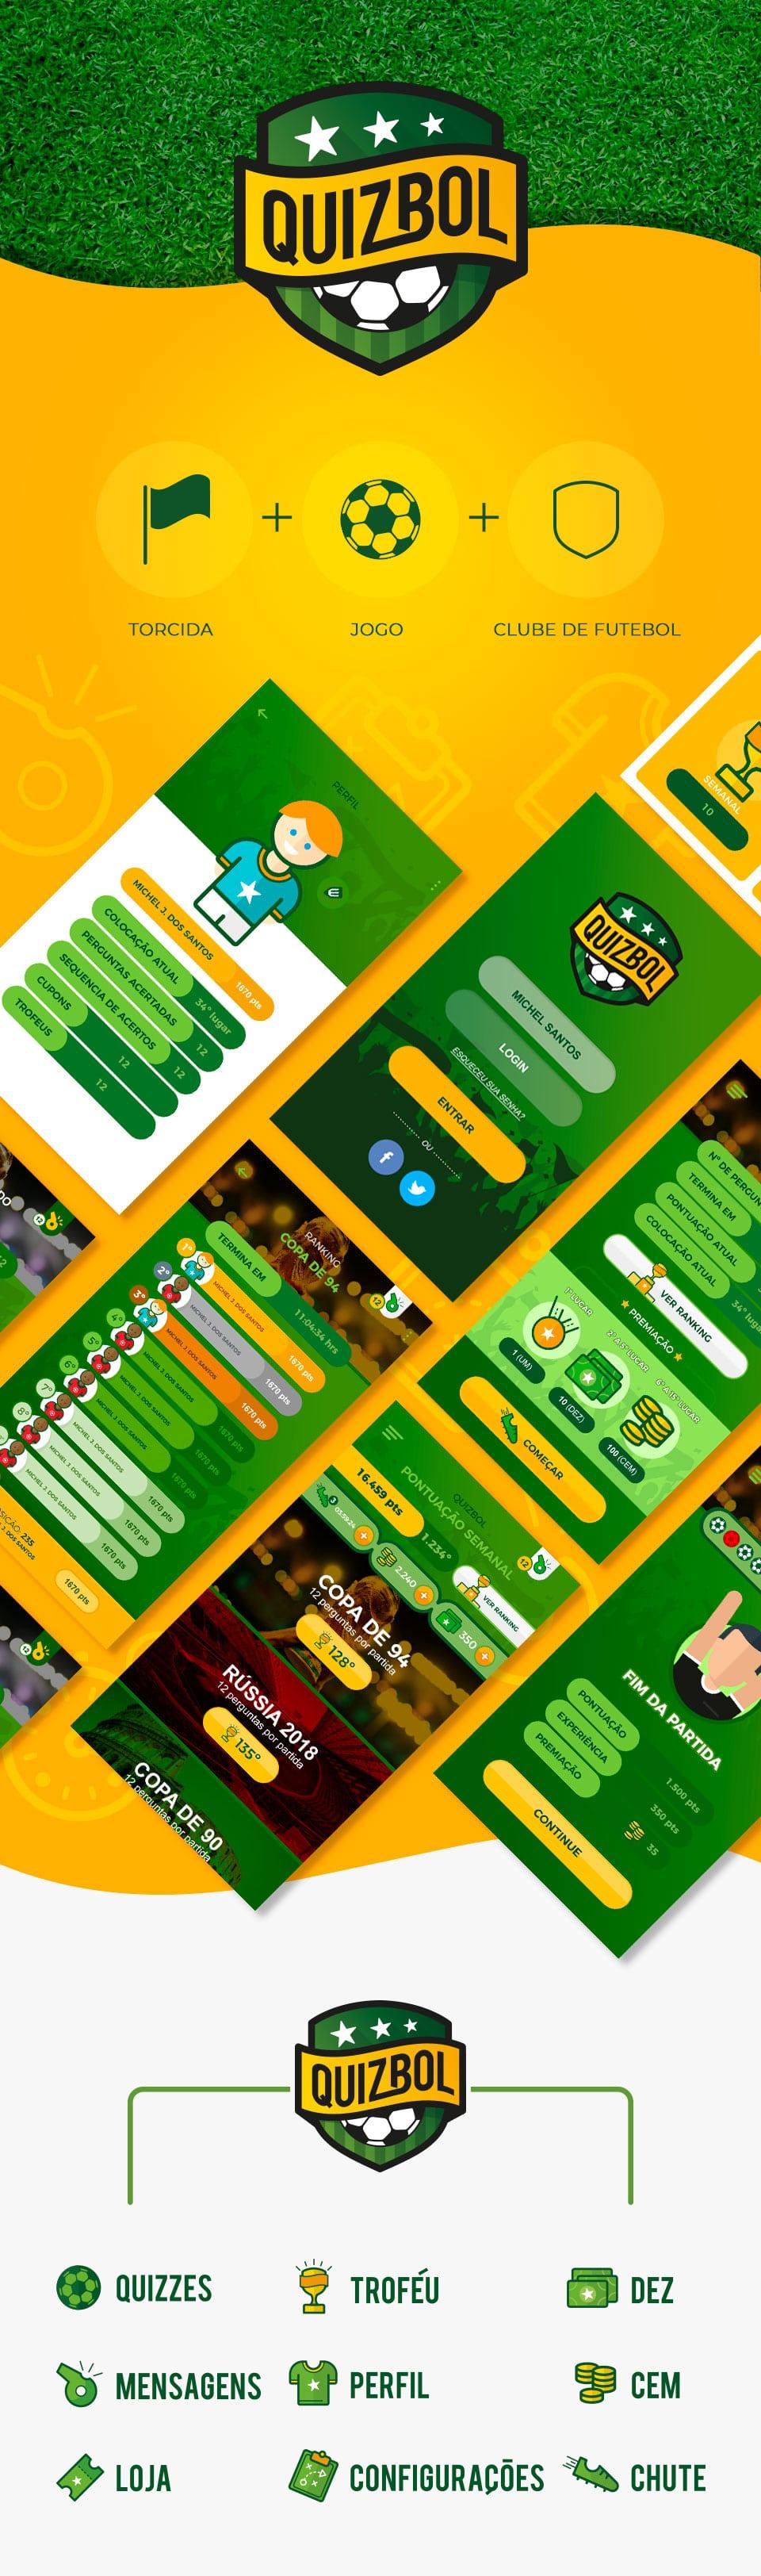 Quizbol - Identidade visual (logo, iconografia e redes sociais) e UI/UX do aplicativo sobre futebol mundial desenvolvido pela Junt